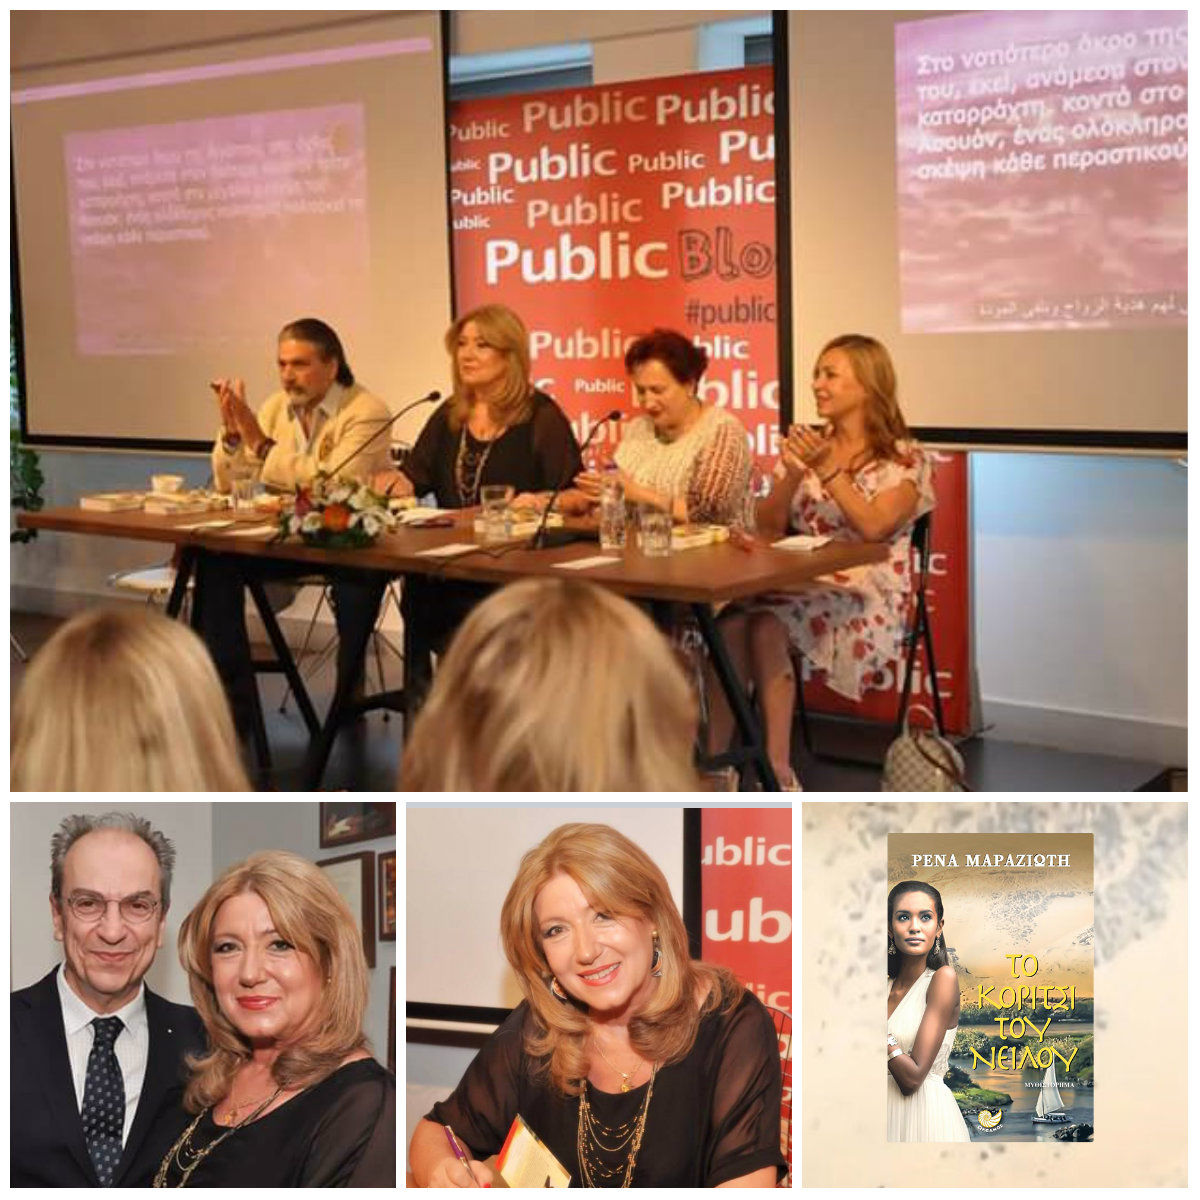 """Πραγματοποιήθηκε με μεγάλη επιτυχία η παρουσίαση του βιβλίου της Ρένας Μαραζιώτη με τίτλο """"Το κορίτσι του Νείλου"""""""